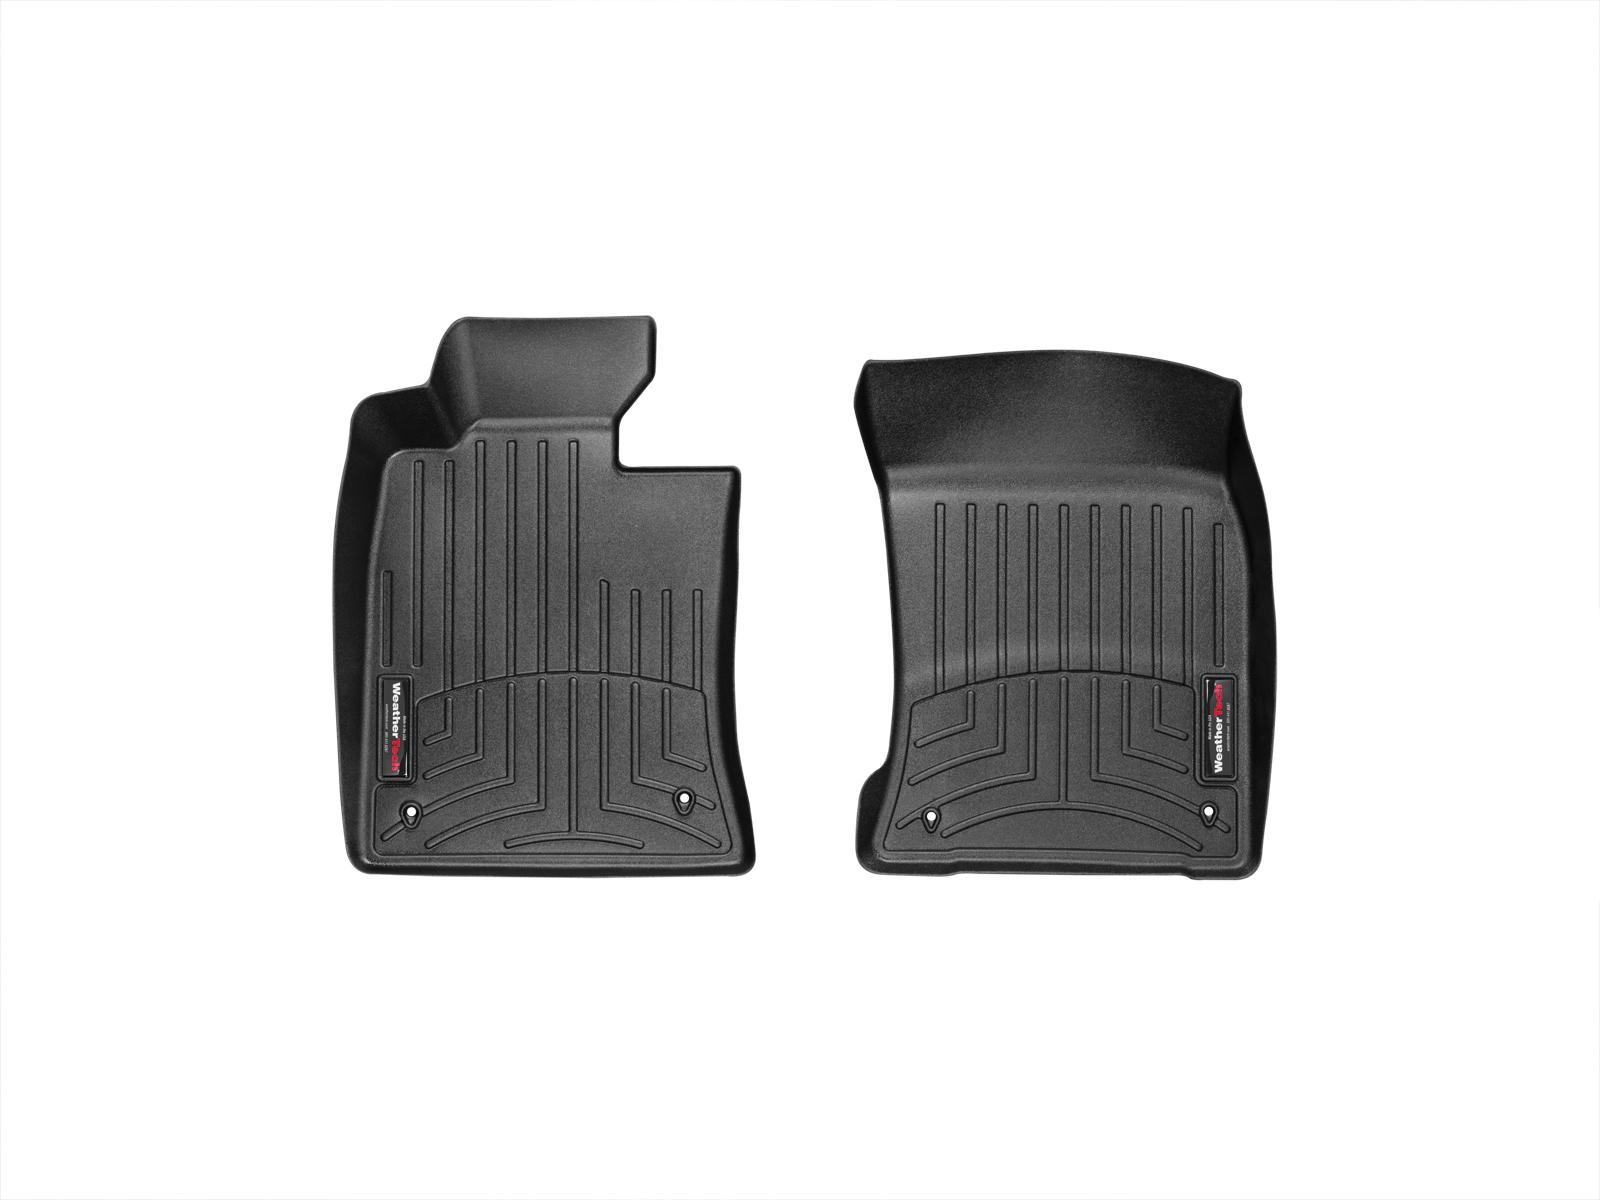 Tappeti gomma su misura bordo alto MINI Coupe 12>15 Nero A2709